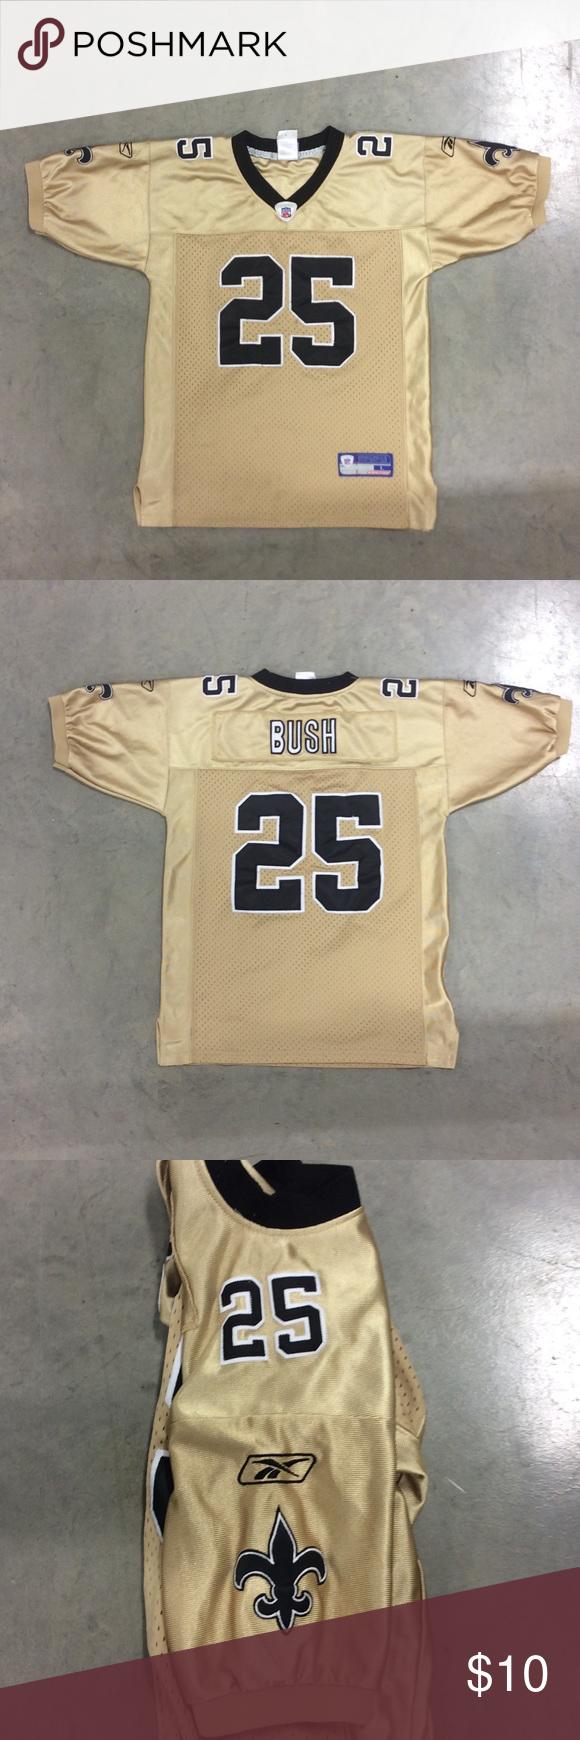 New Orleans Saints - Reggie Bush - NFL Jersey Good condition 7b13e1148